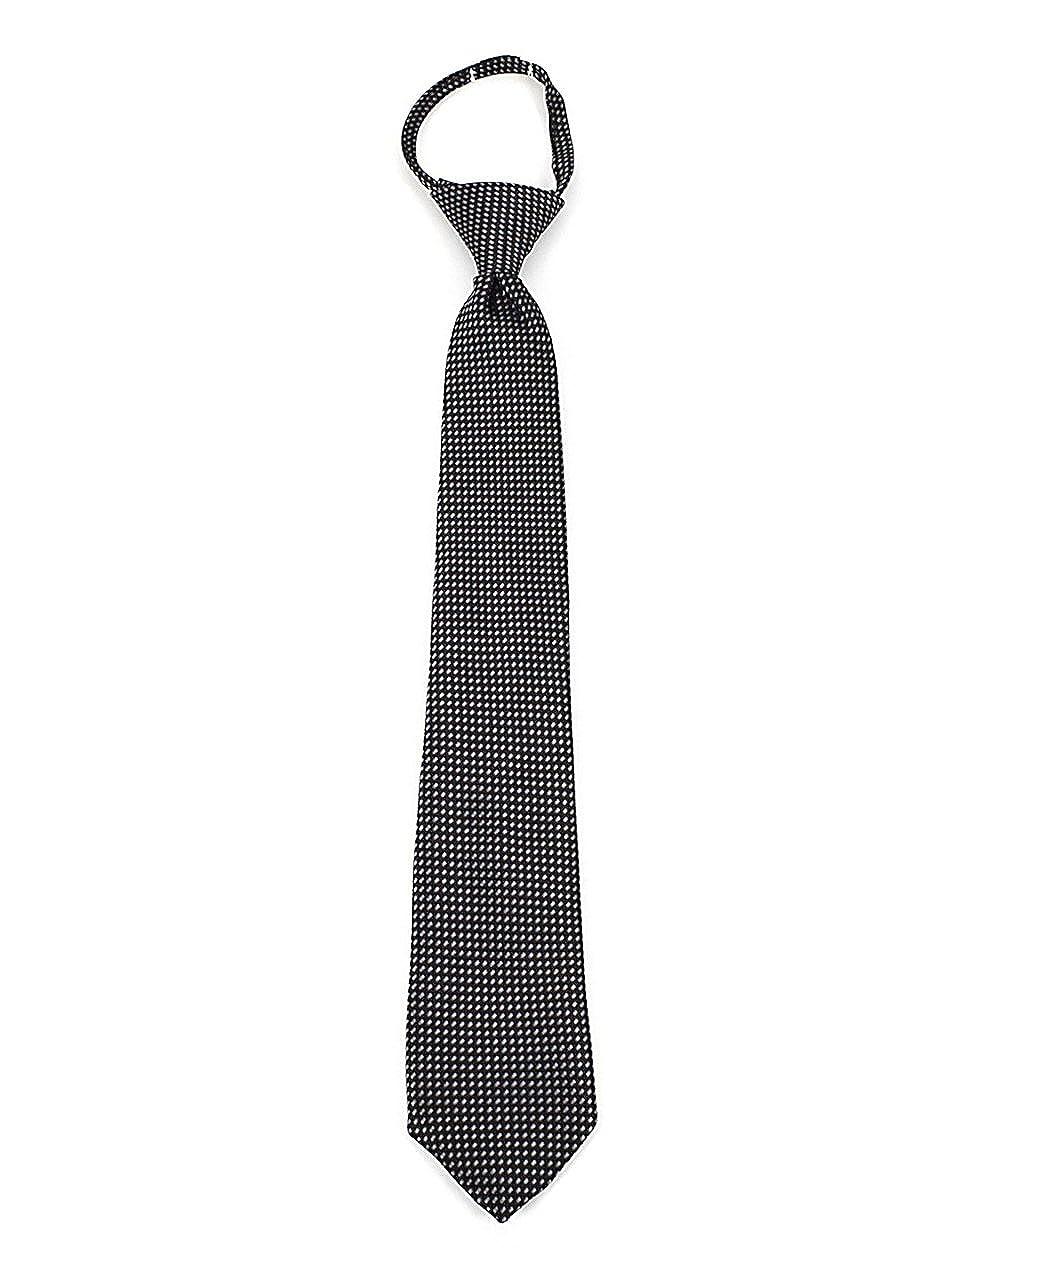 Umo Lorenzo Black /& White Dotted Boys Zipper Nectie